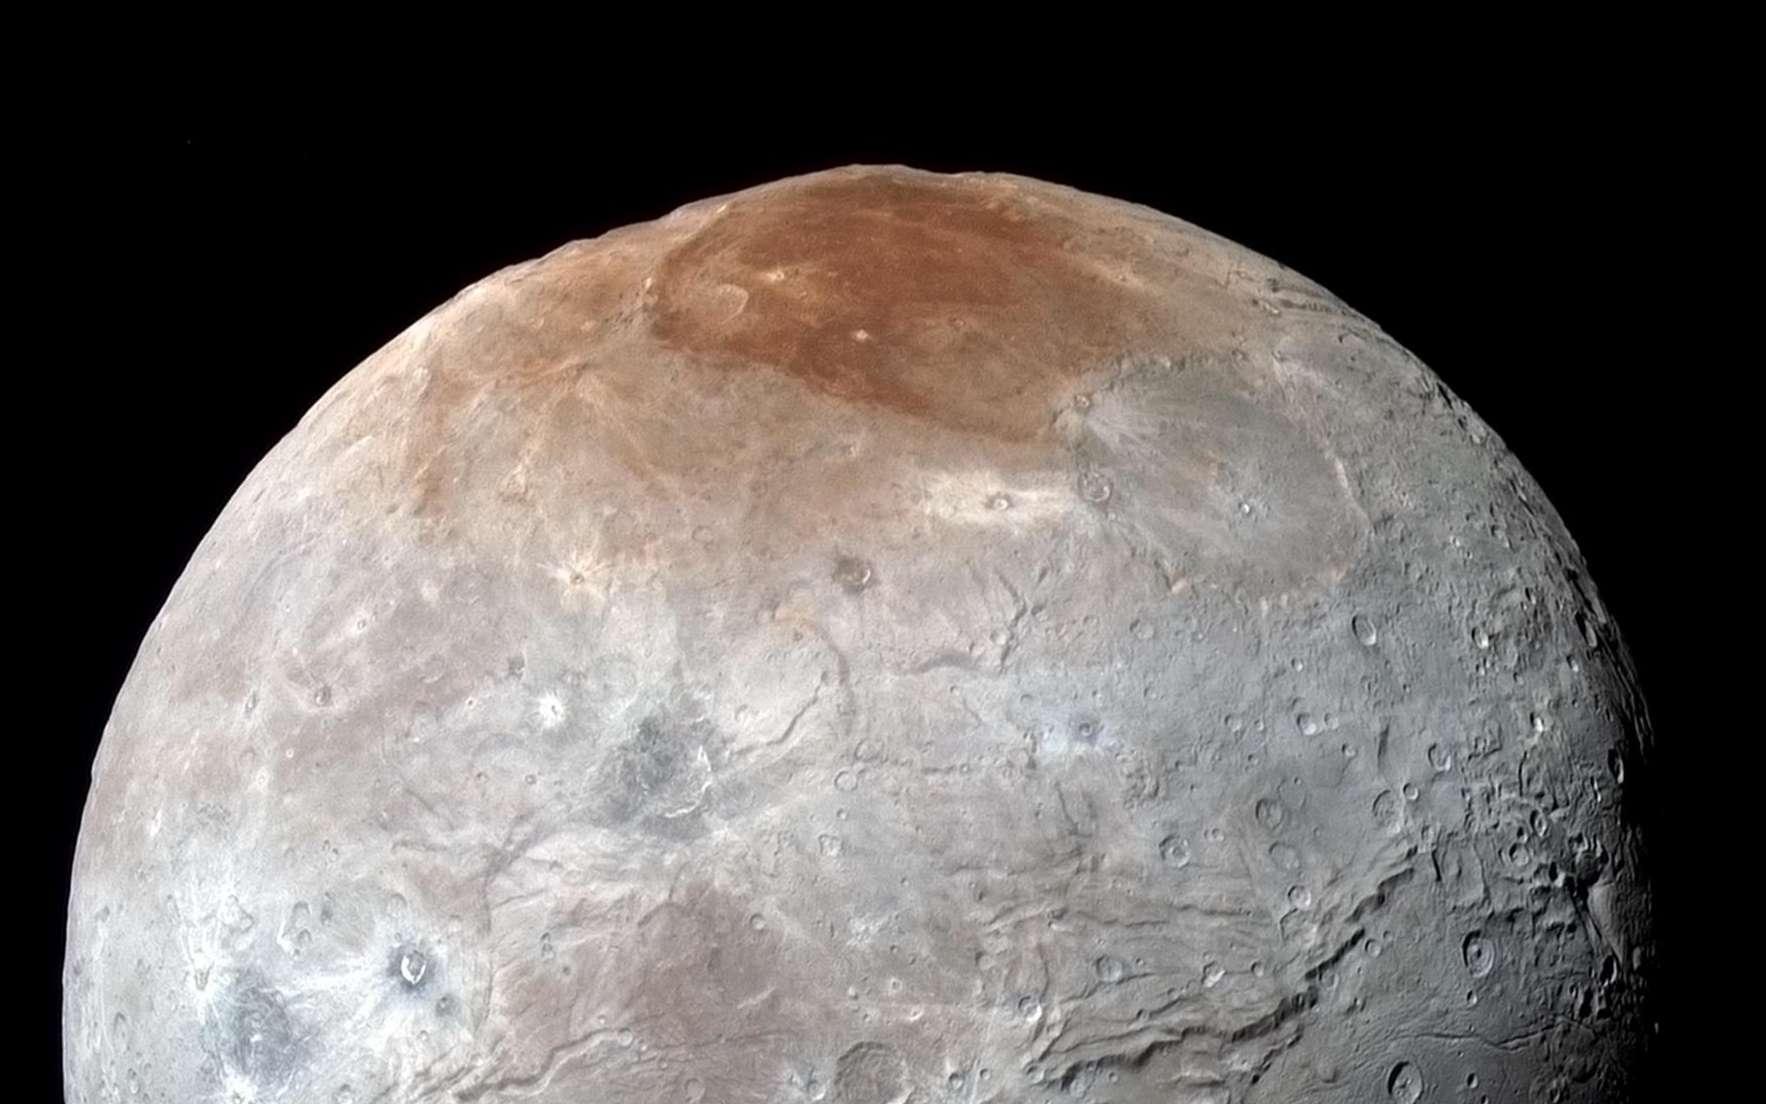 Le satellite naturel Charon photographié par New Horizons le 14 juillet, juste avant le survol de Pluton. Les images prises à travers les filtres infrarouge, rouge et bleu de l'instrument Ralph/MVIC révèlent les différentes compositions des terrains. La région du pôle nord nommée Mordor Macula se distingue du reste de ce corps céleste, deux fois plus petit que son compagnon Pluton. La résolution est de 2,9 km par pixel. © Nasa, JHUAPL, SwRI